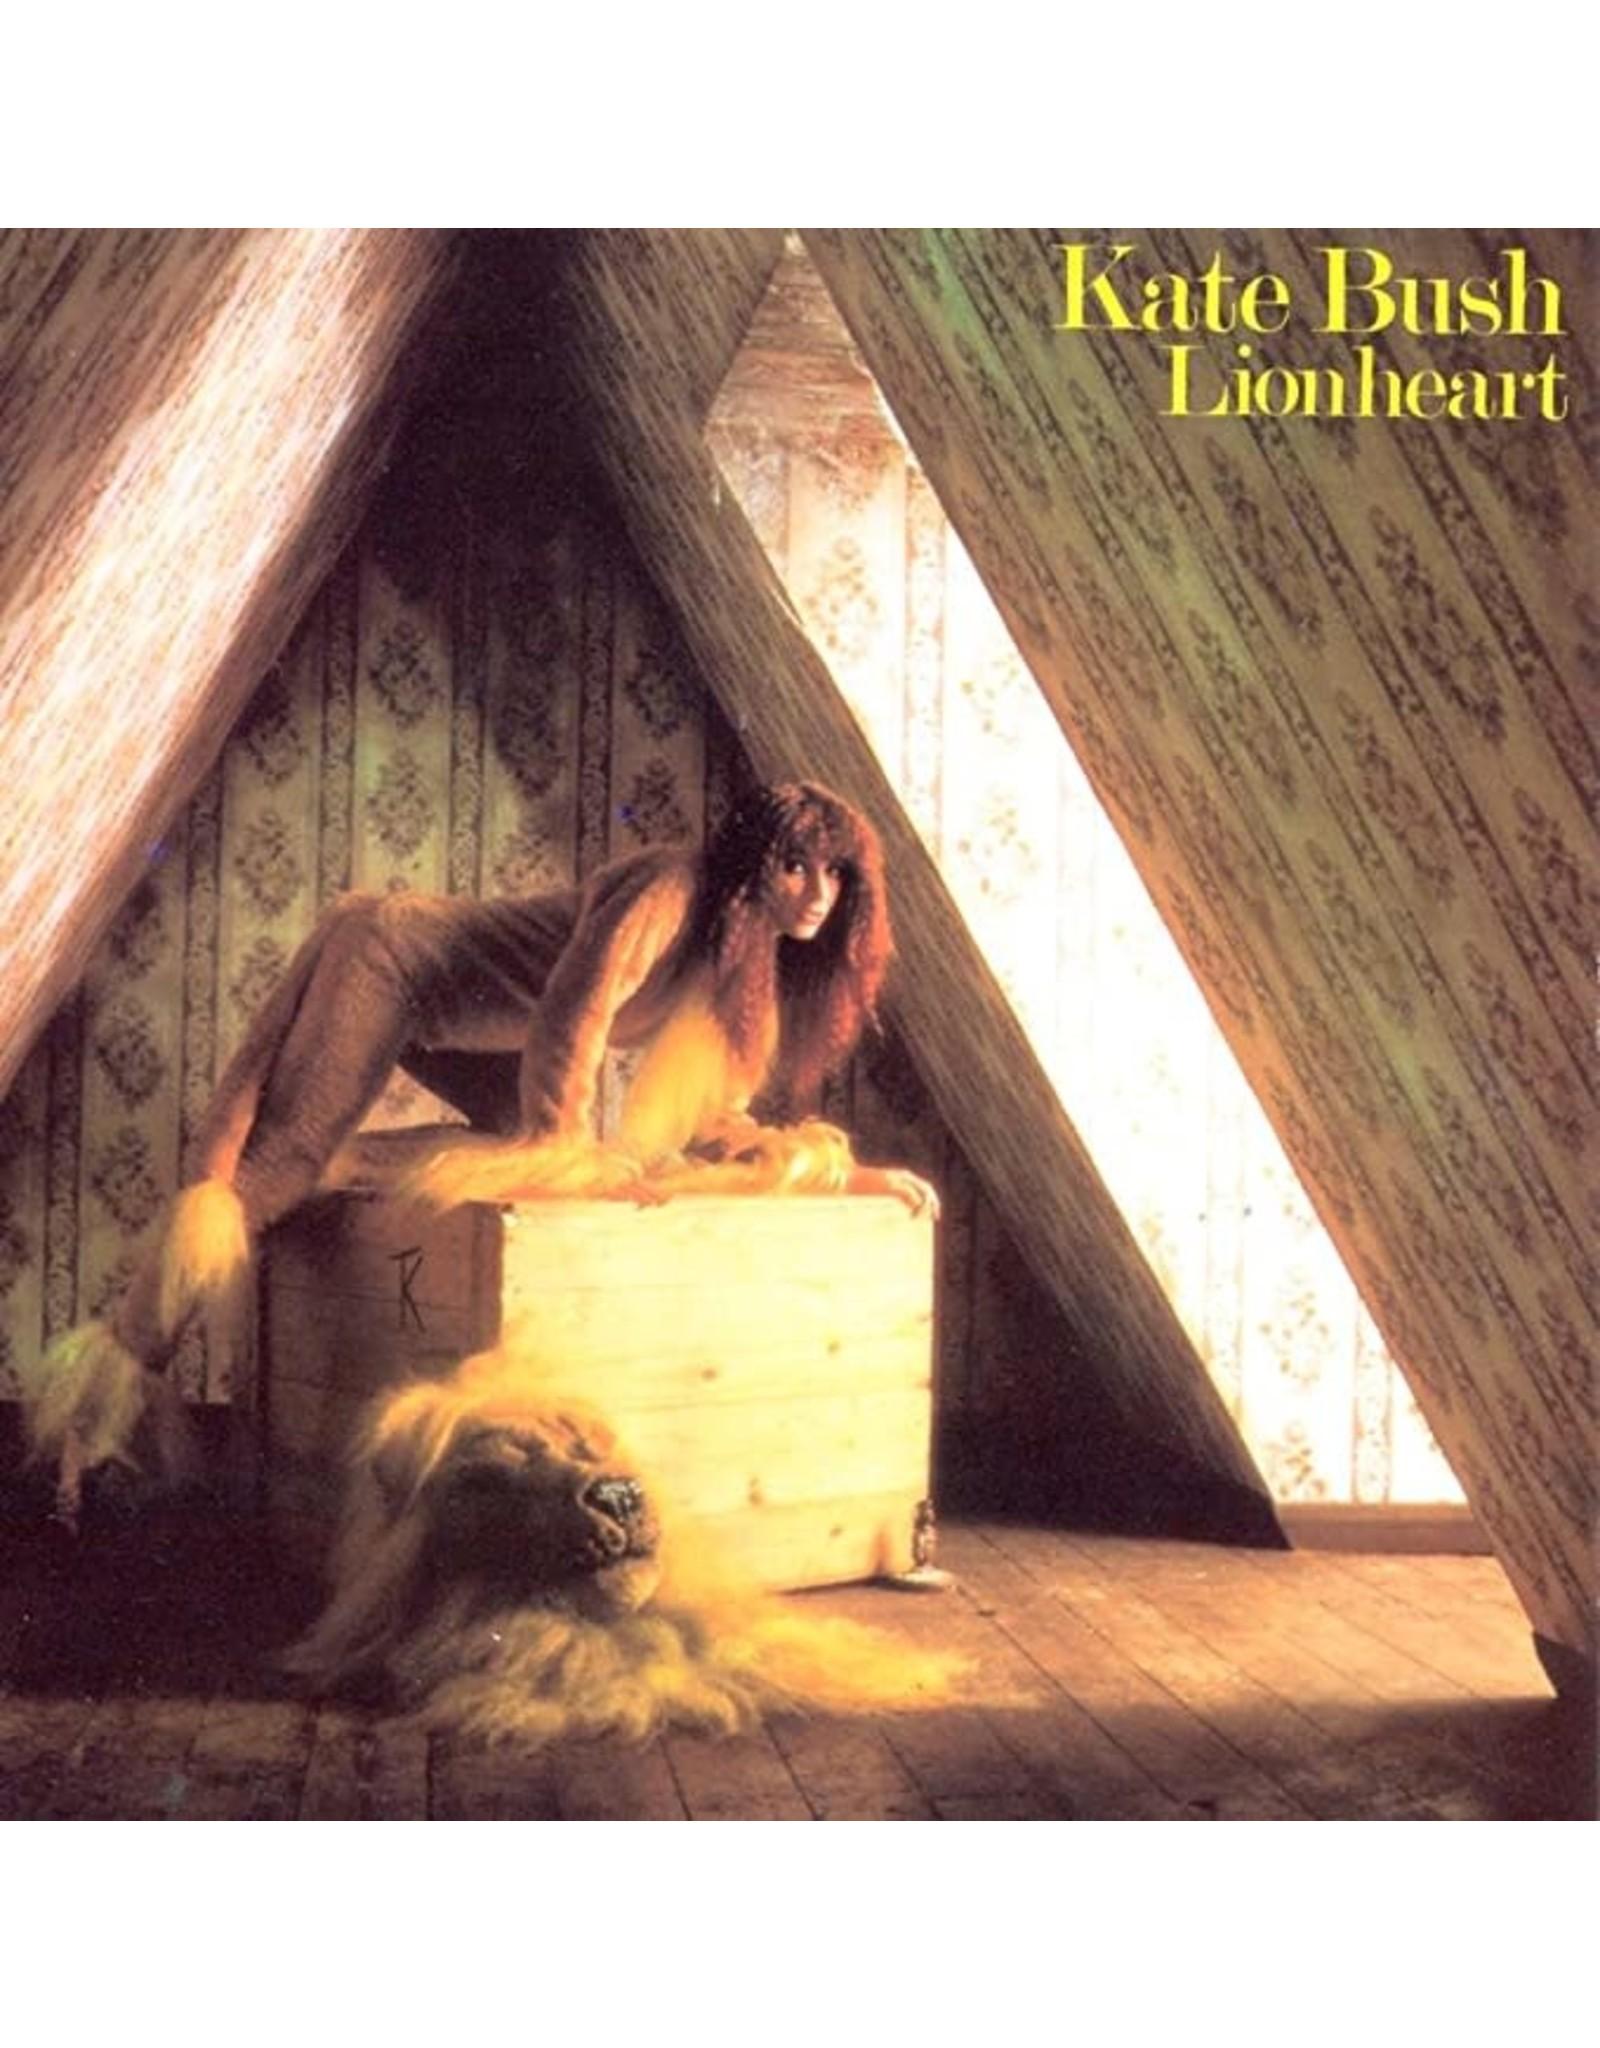 Bush, Kate - Lionheart LP